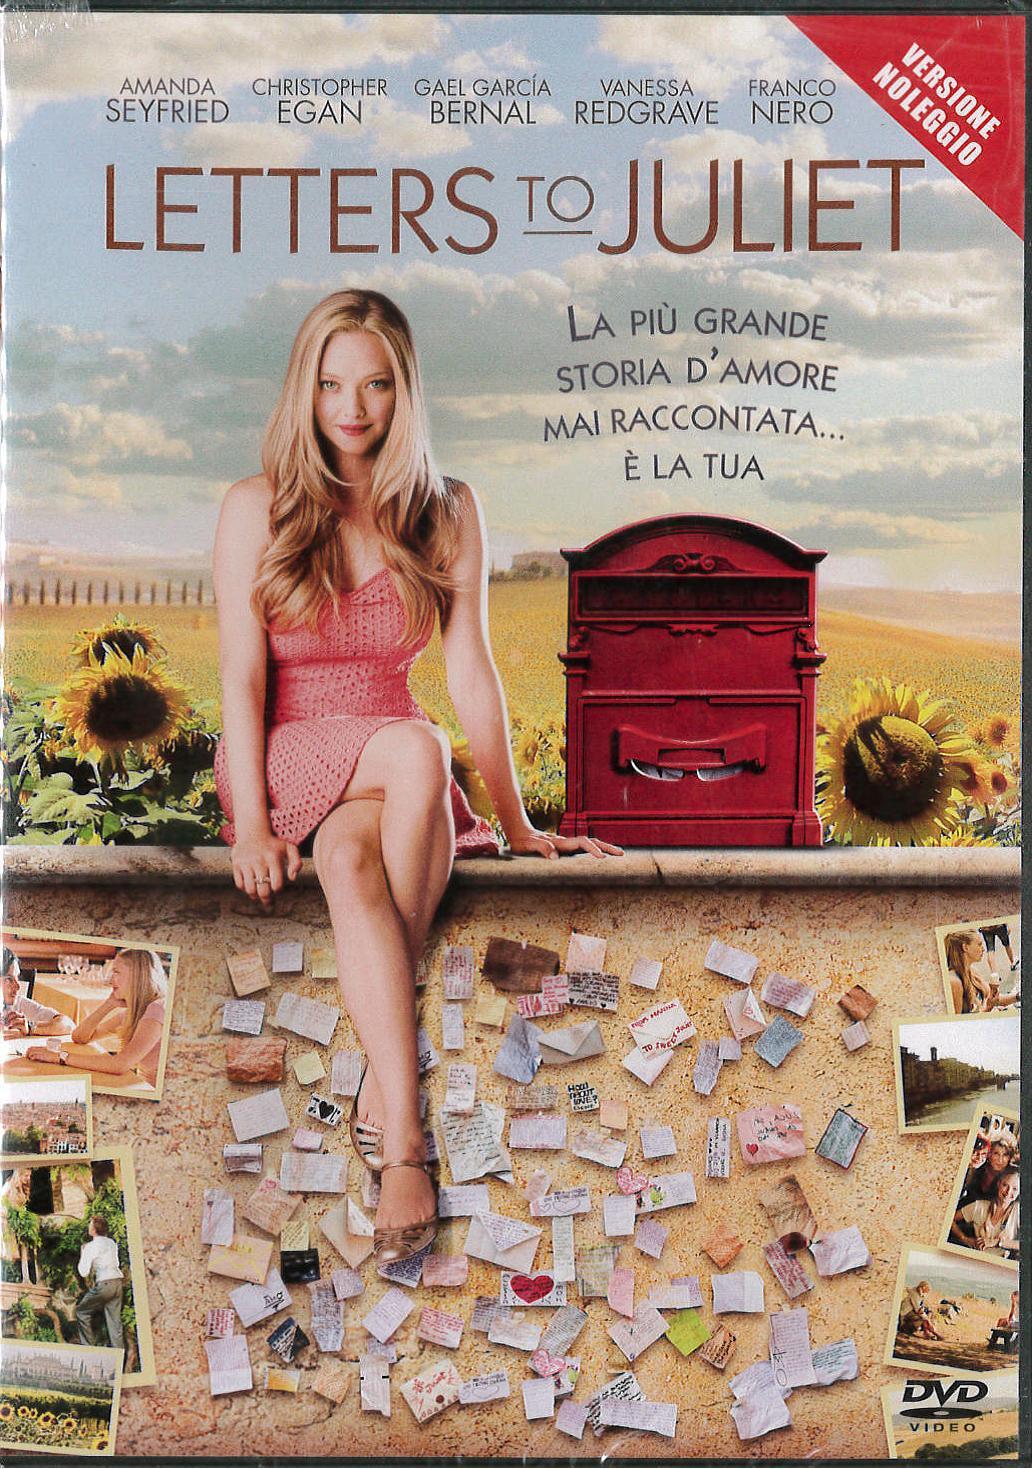 LETTERS TO JULIET - VERSIONE NOLEGGIO (DVD)